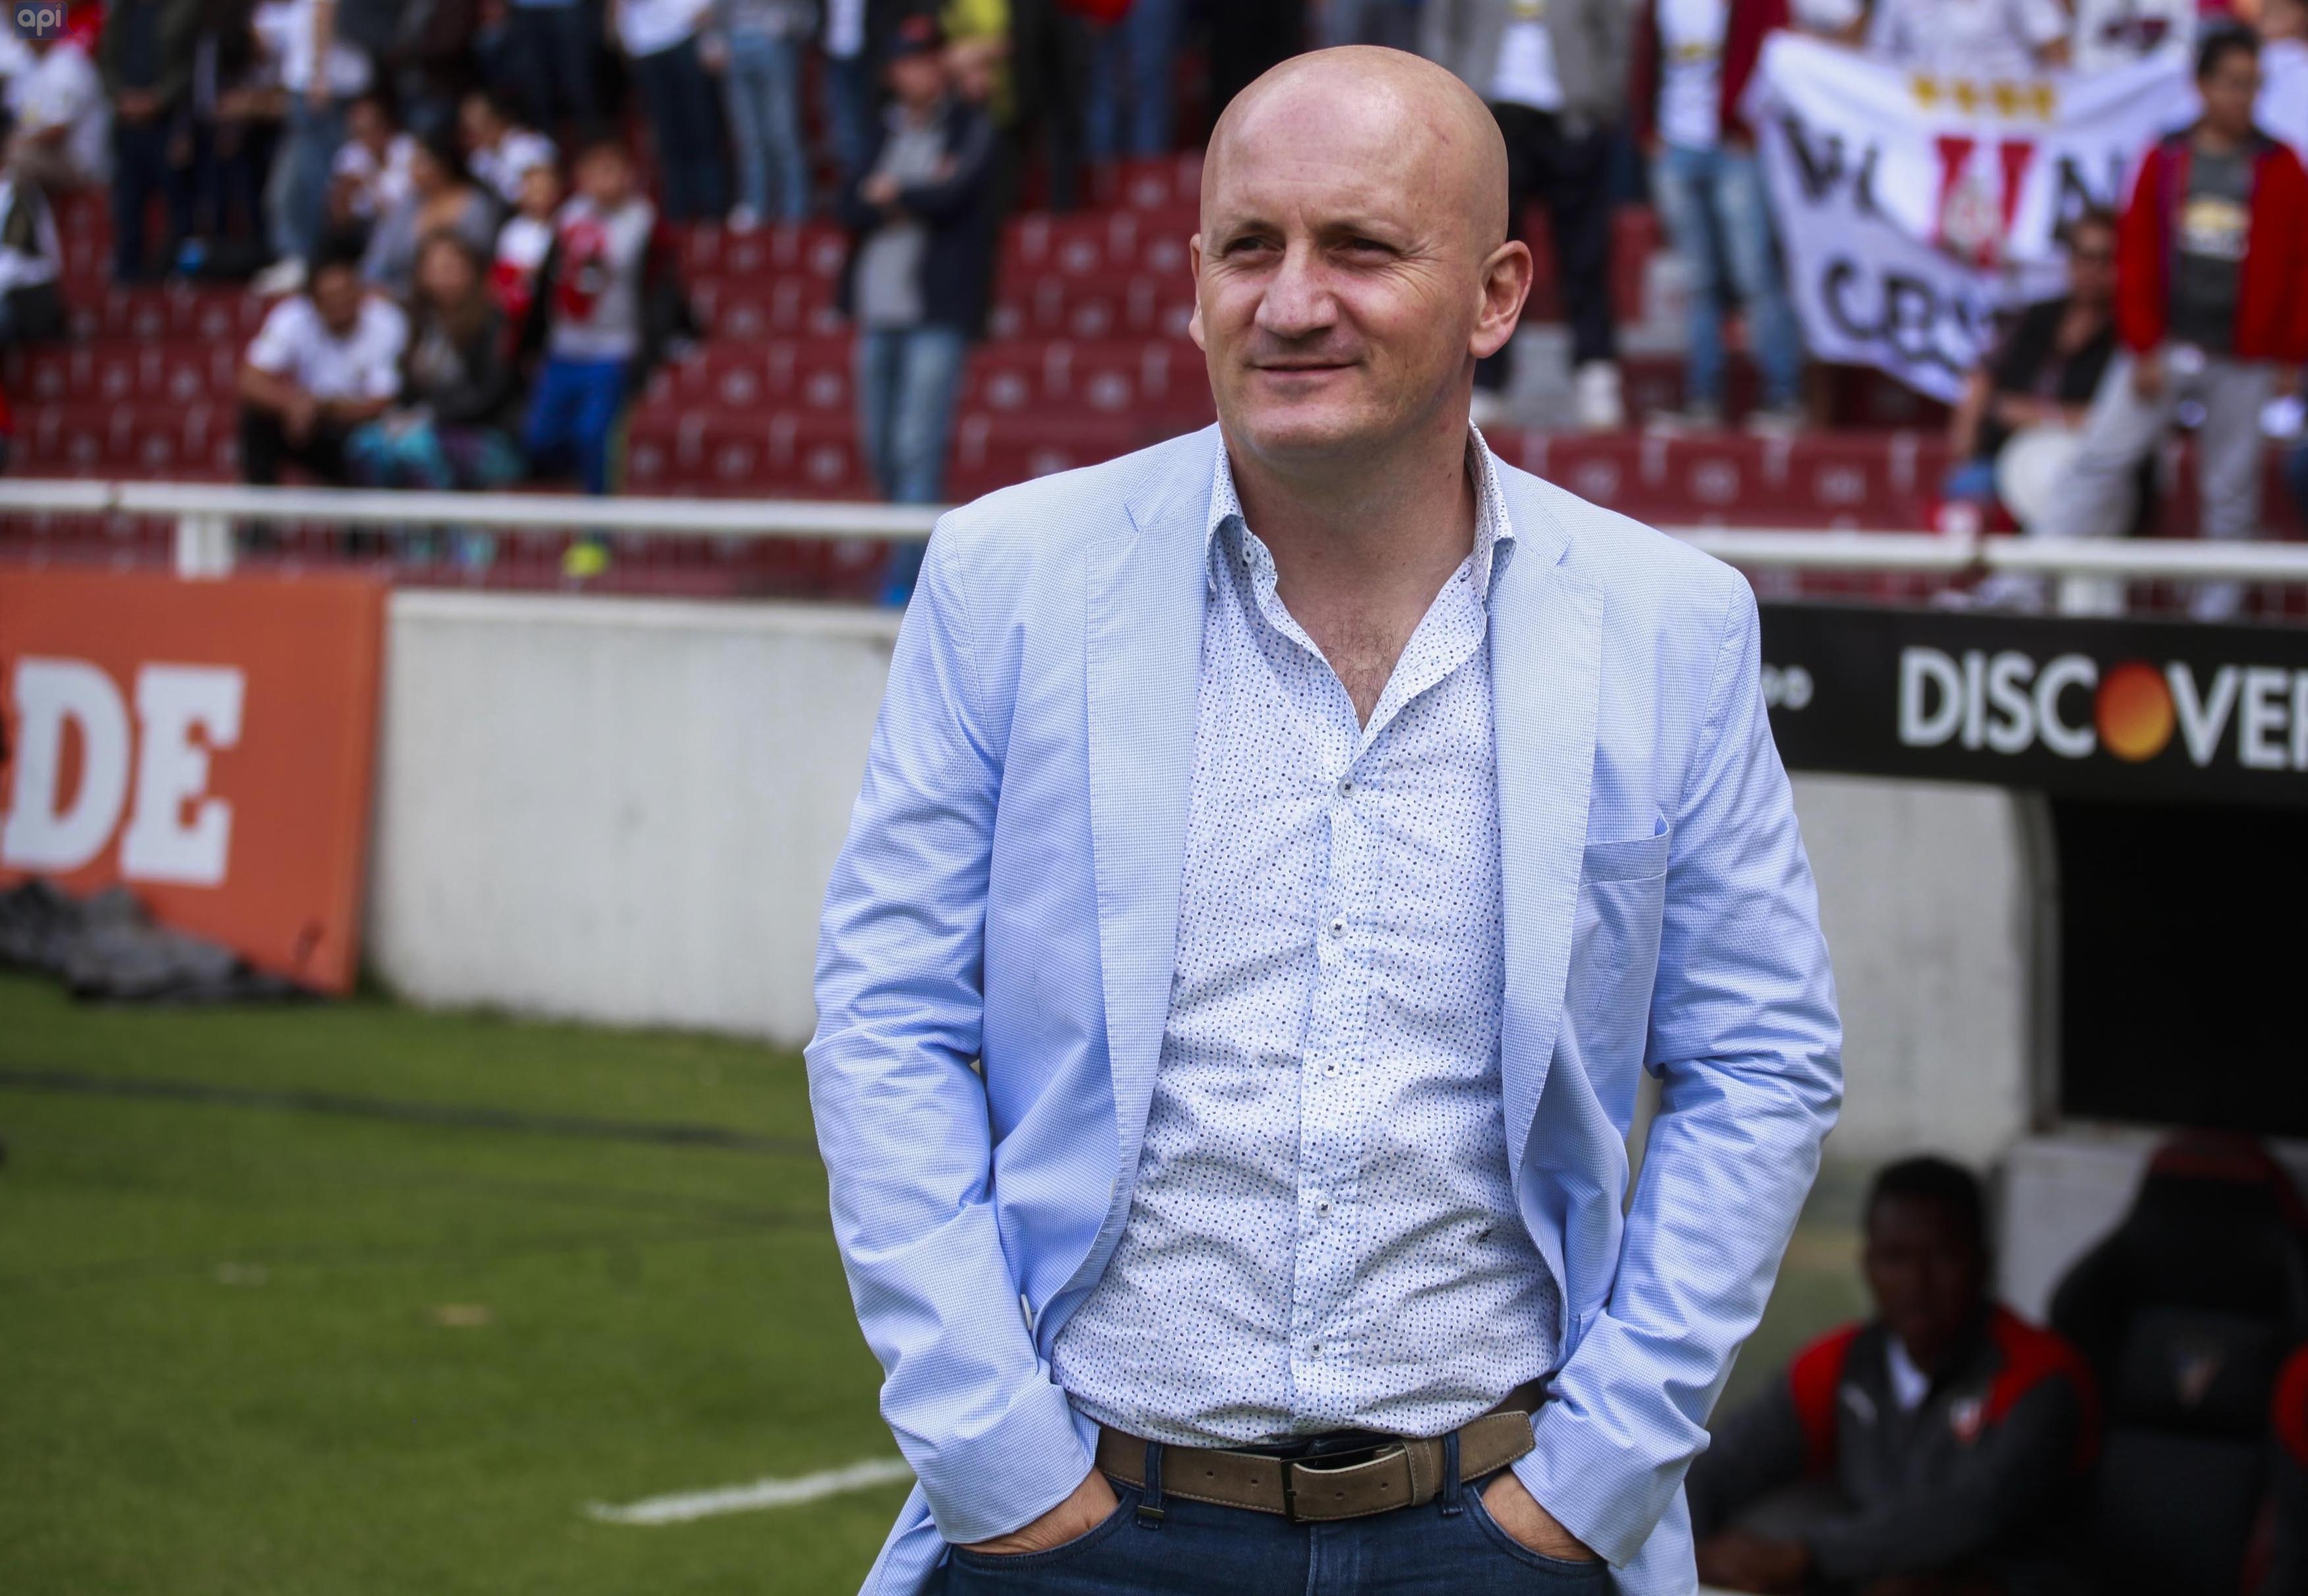 La plantilla de Liga de Quito todavía no está completa, según Pablo Repetto necesitan vincular a un extremo